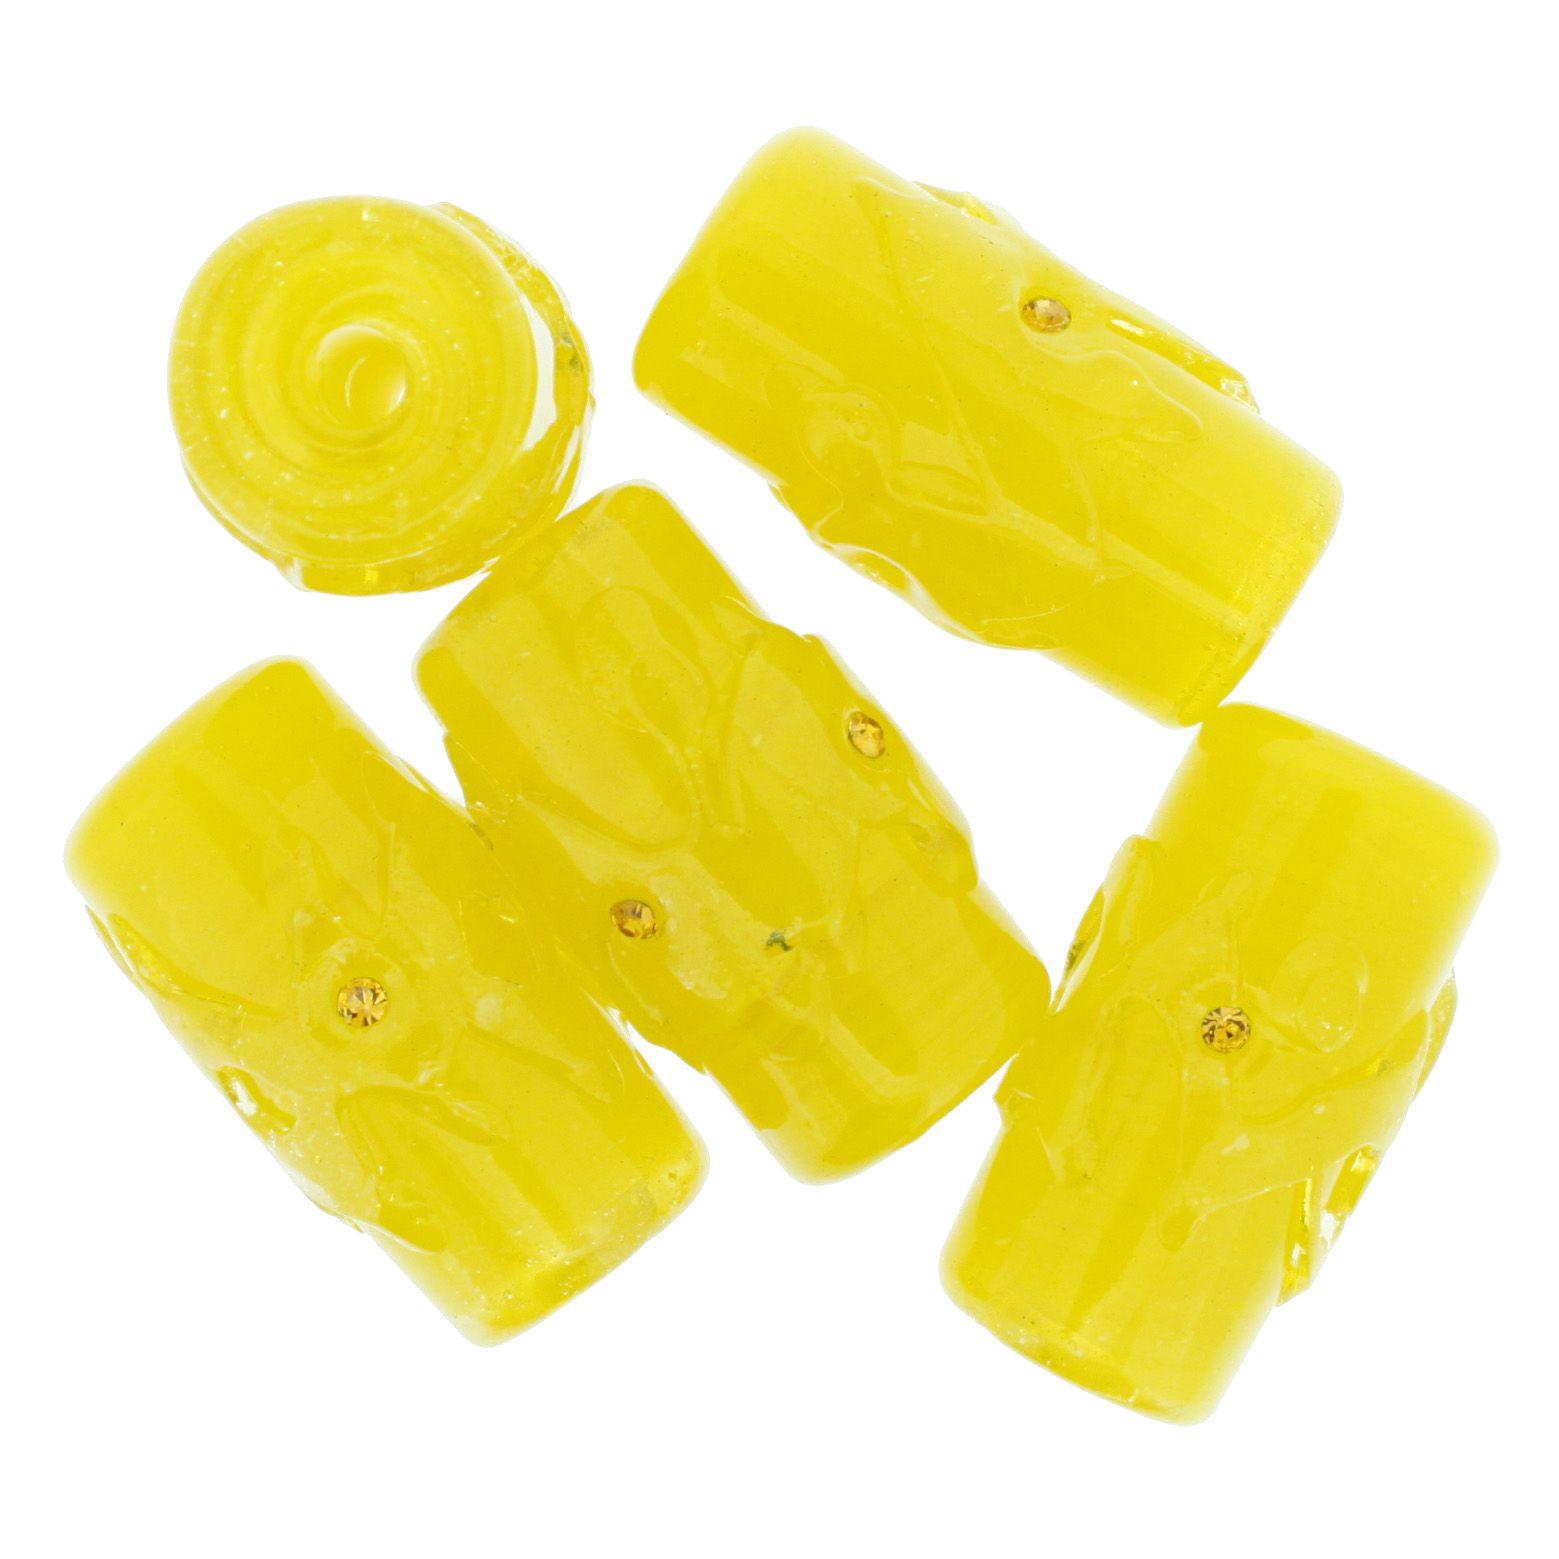 Firmas Strass GG - Amarela Transparente  - Stéphanie Bijoux® - Peças para Bijuterias e Artesanato